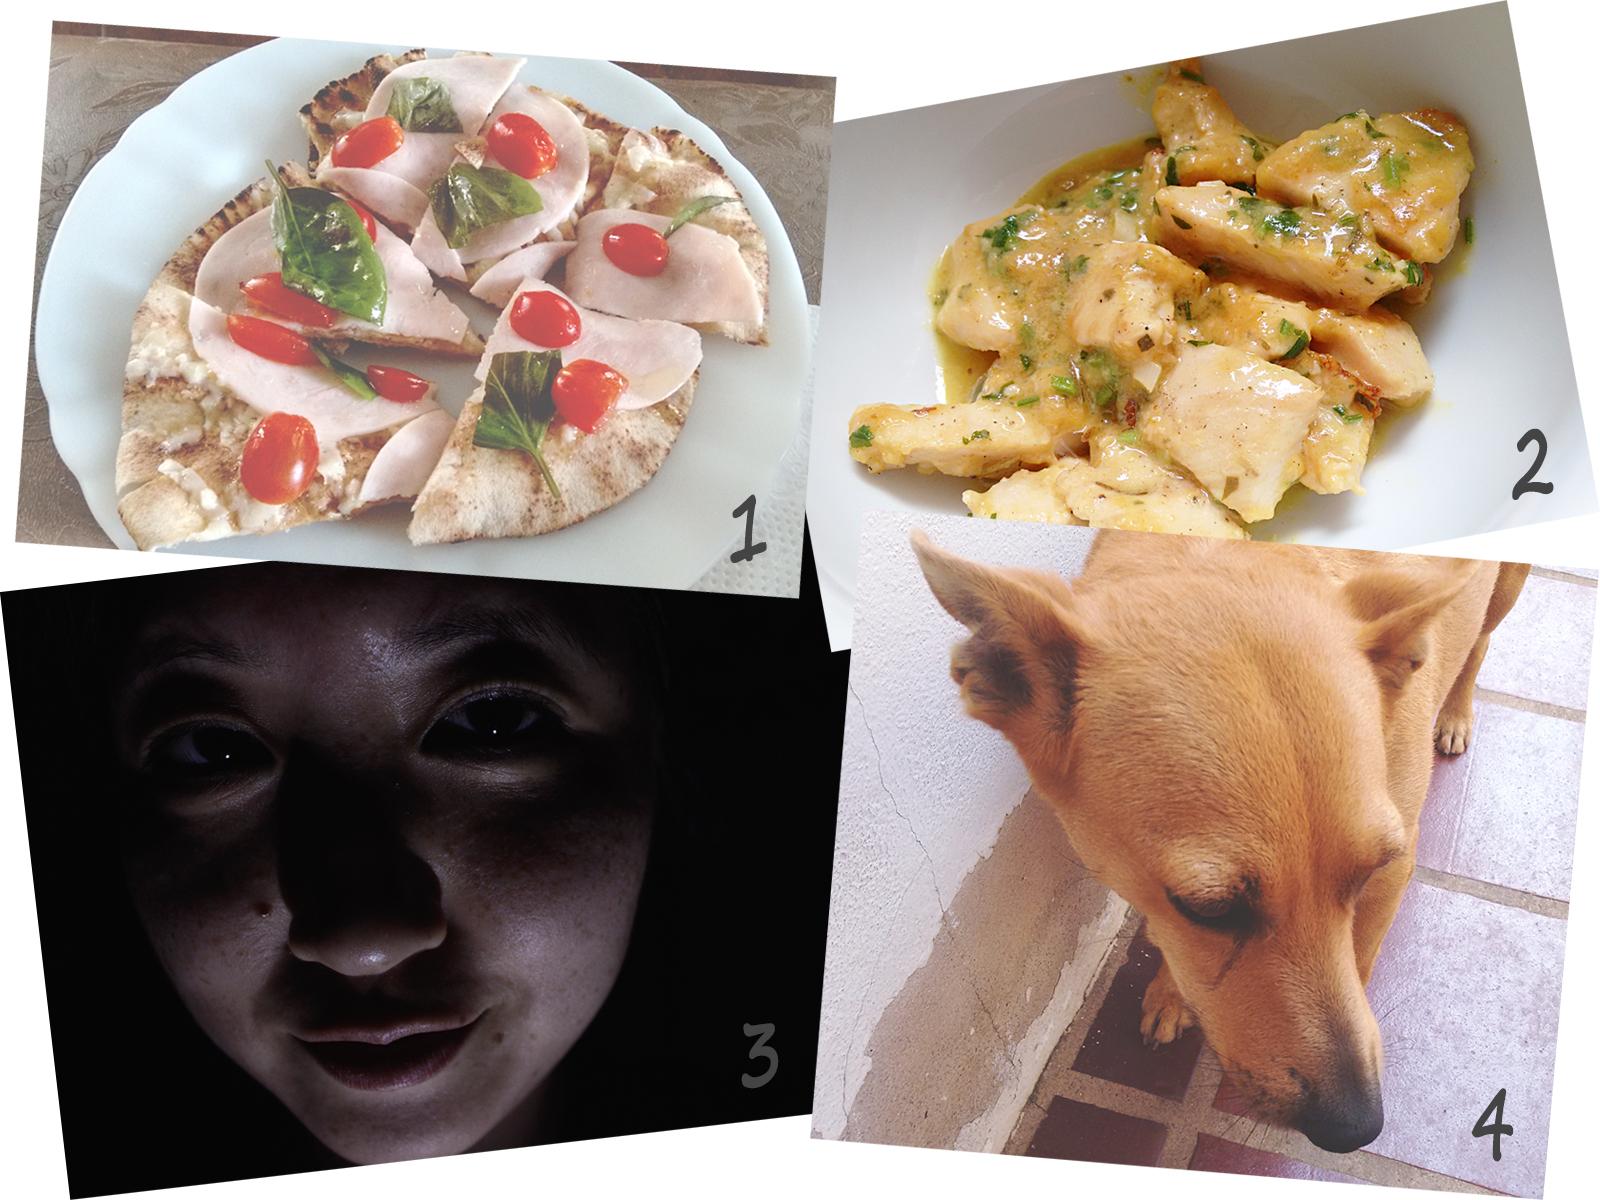 Fragmentos da Semana 1# - Comida + Lika + Fotos no Escuro